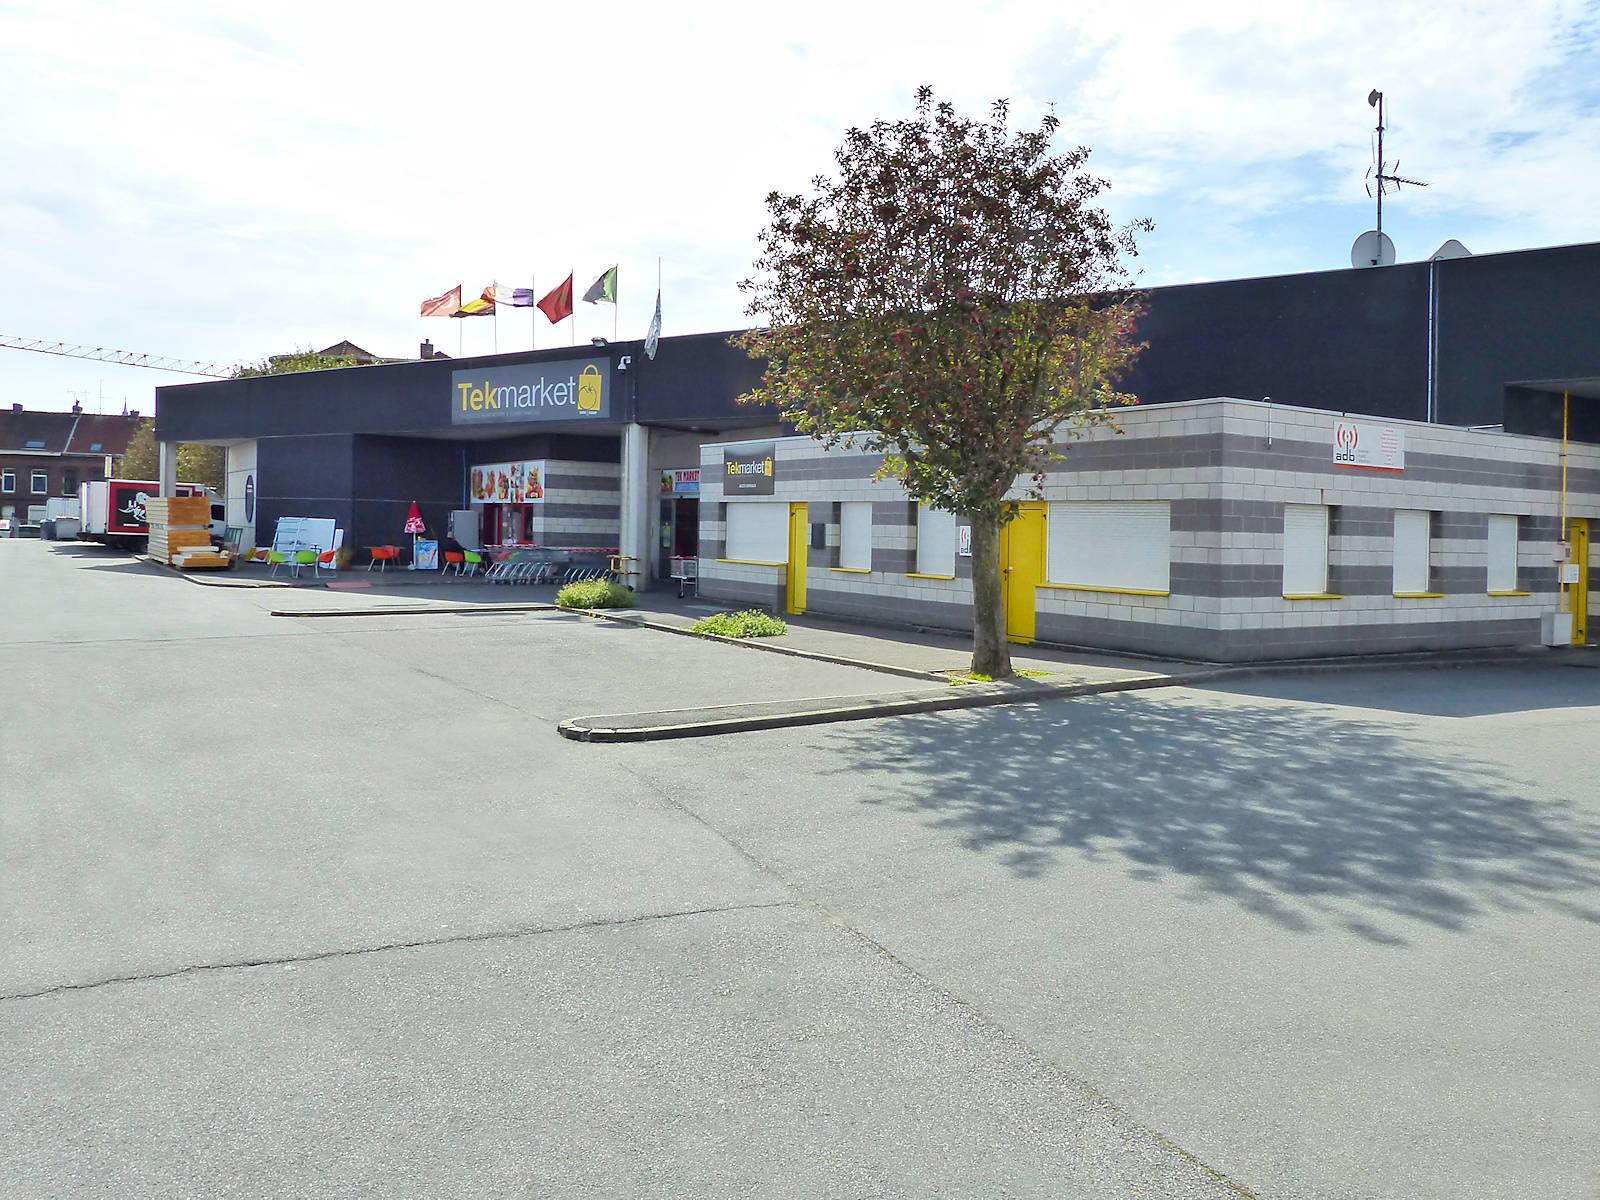 Parking Tek Market, Tourcoing